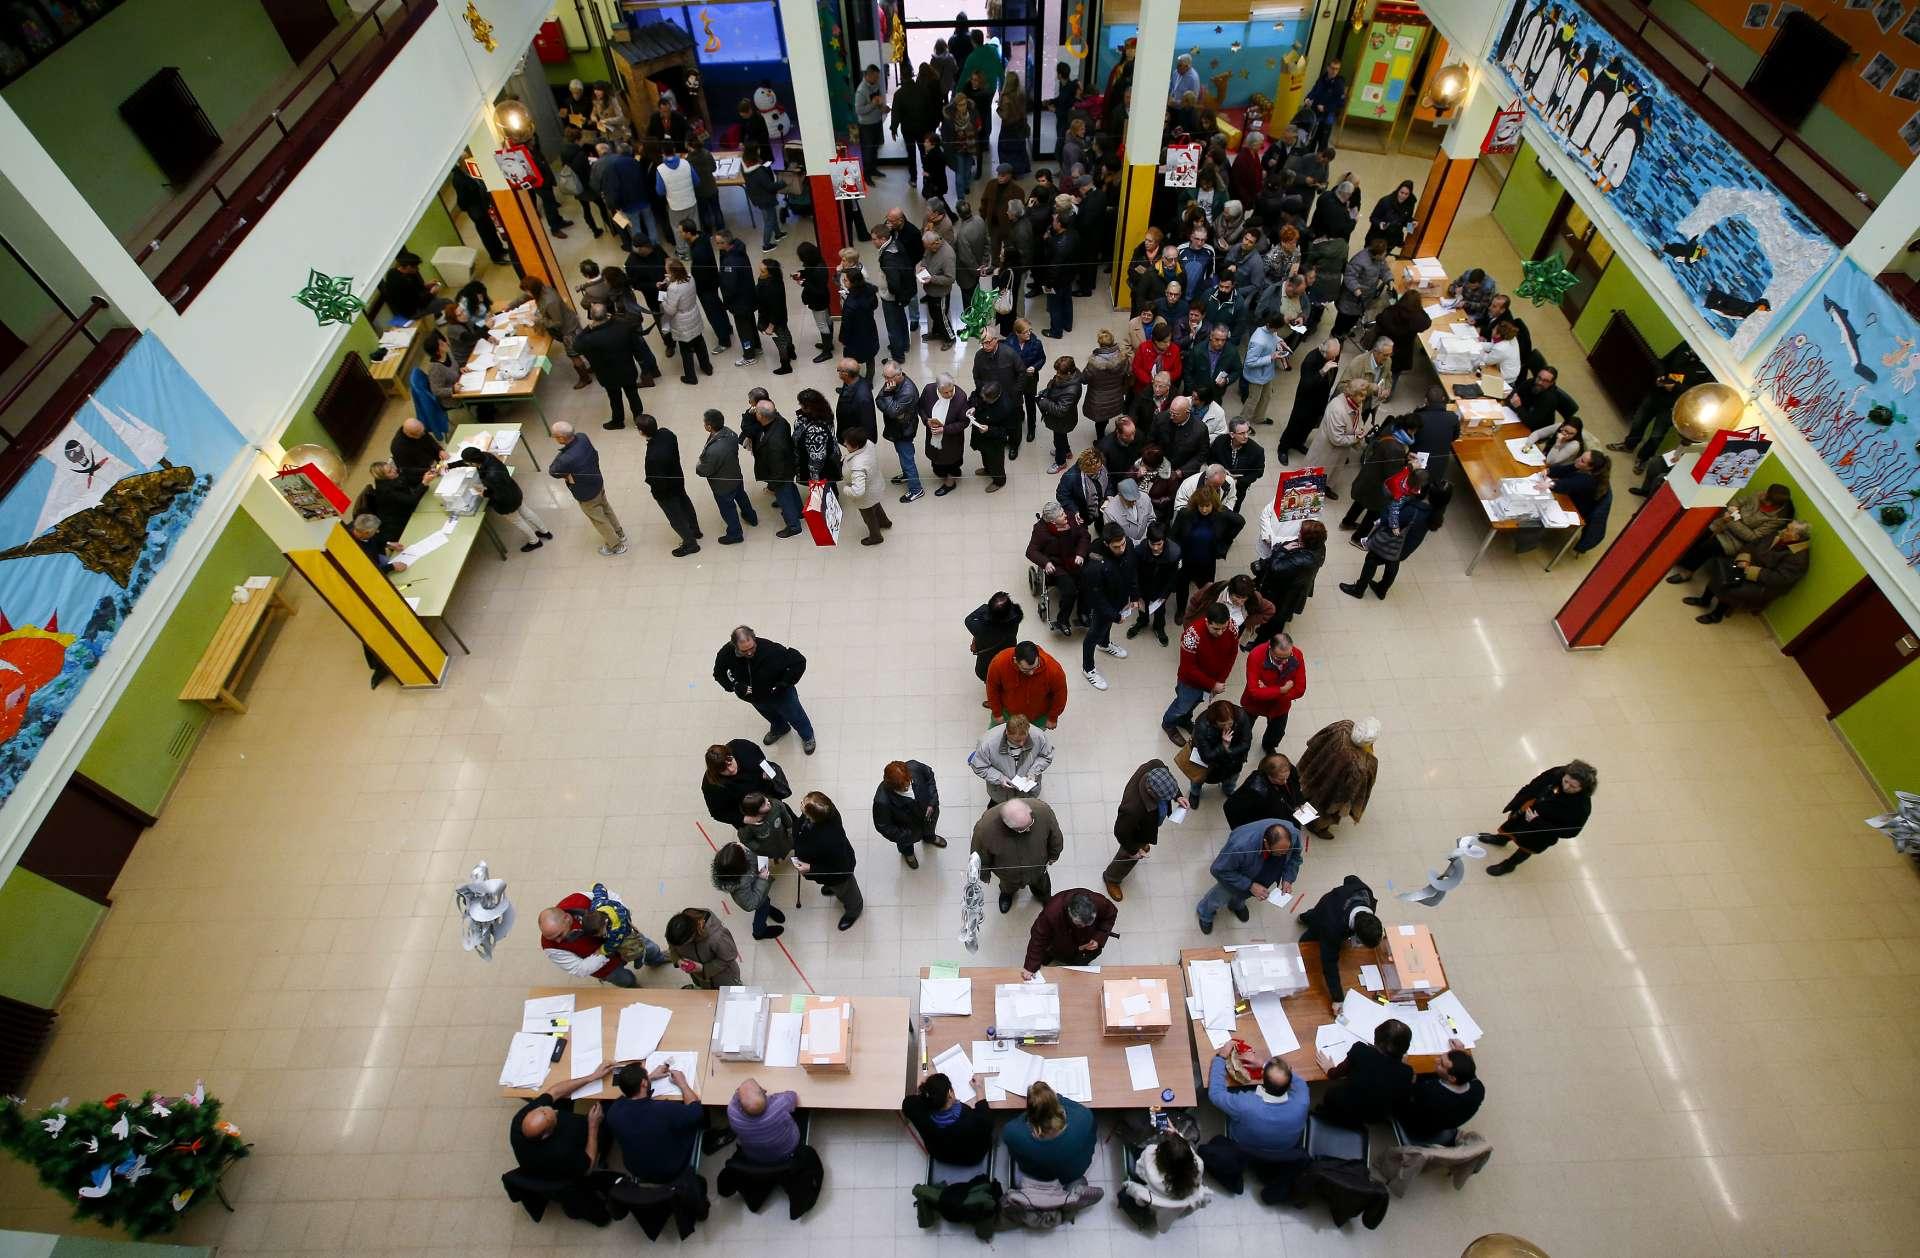 Votación en un colegio electoral de Barcelona. Albret Gea / Reuters